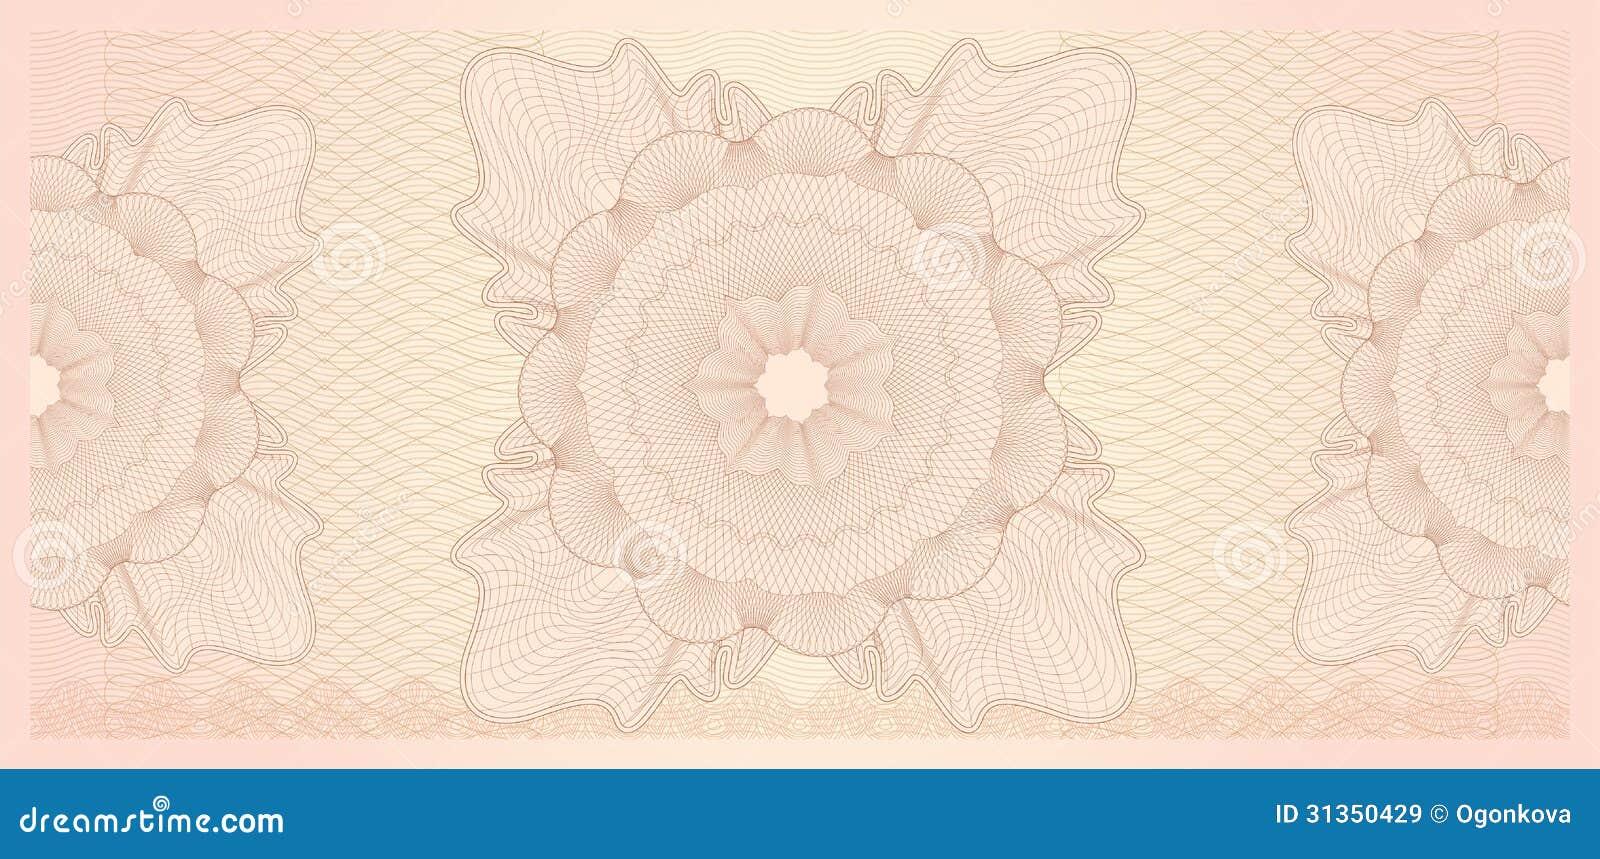 Schablone Des Geschenkgutscheins (Beleg). Muster Vektor Abbildung ...